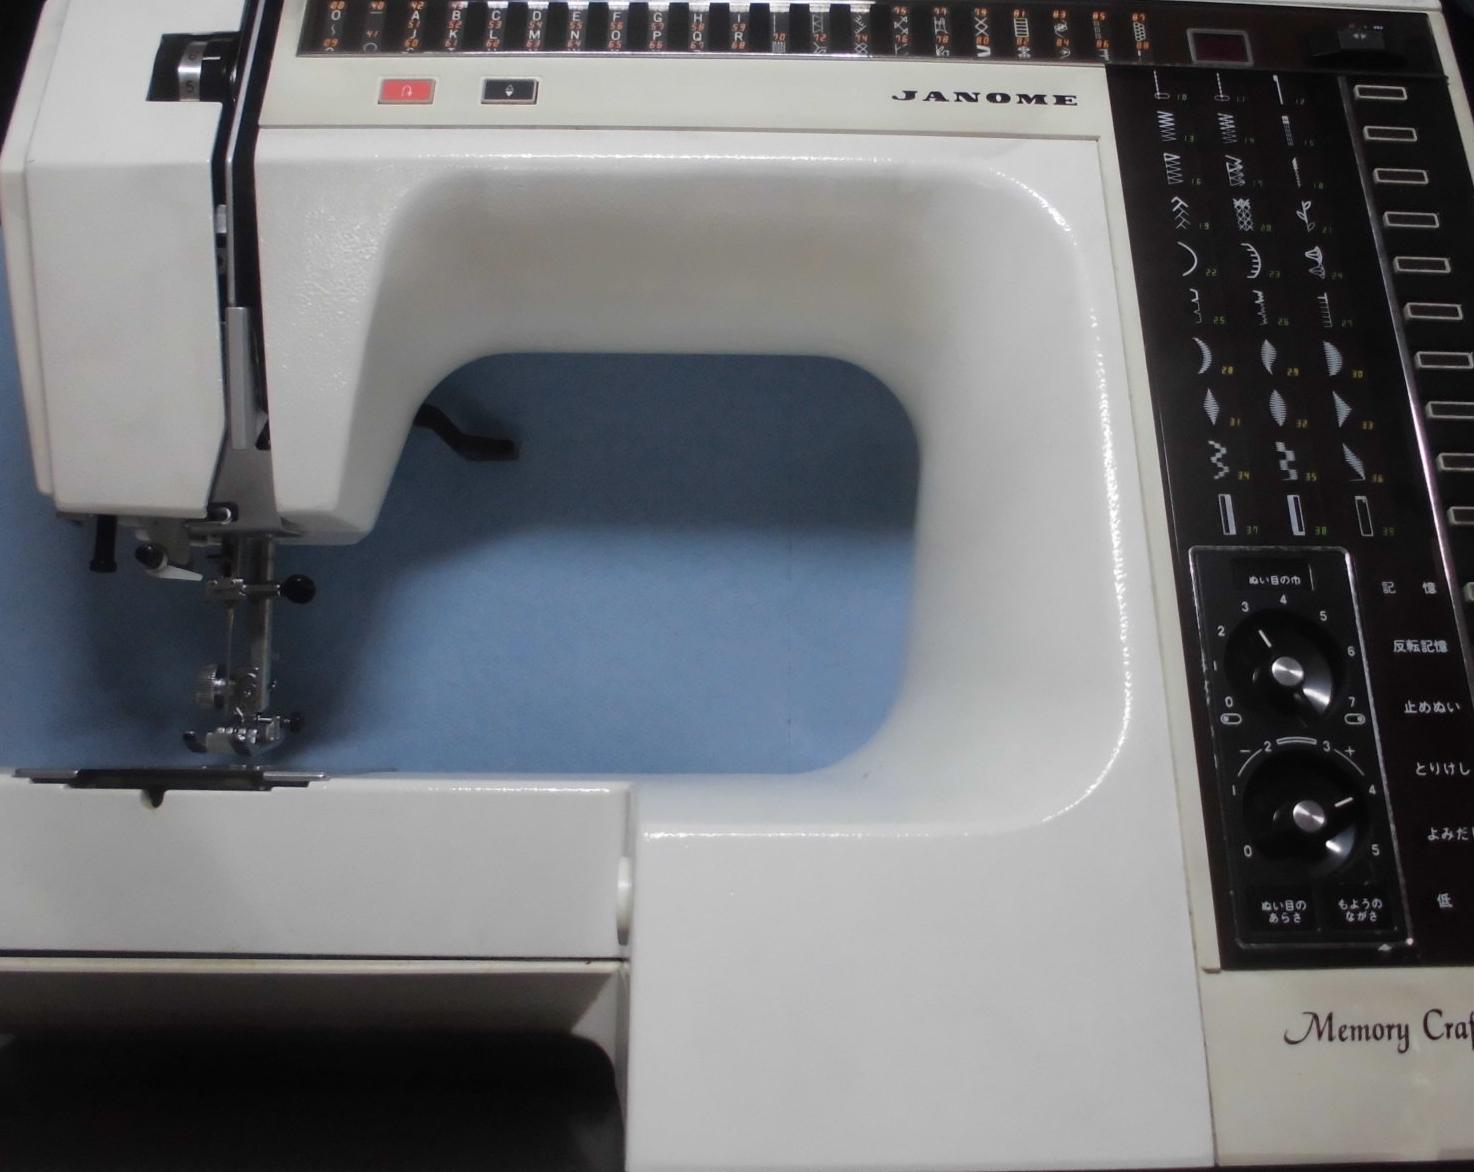 ジャノメミシン修理|メモリークラフト6000|布を送らず縫えない、異音、固着